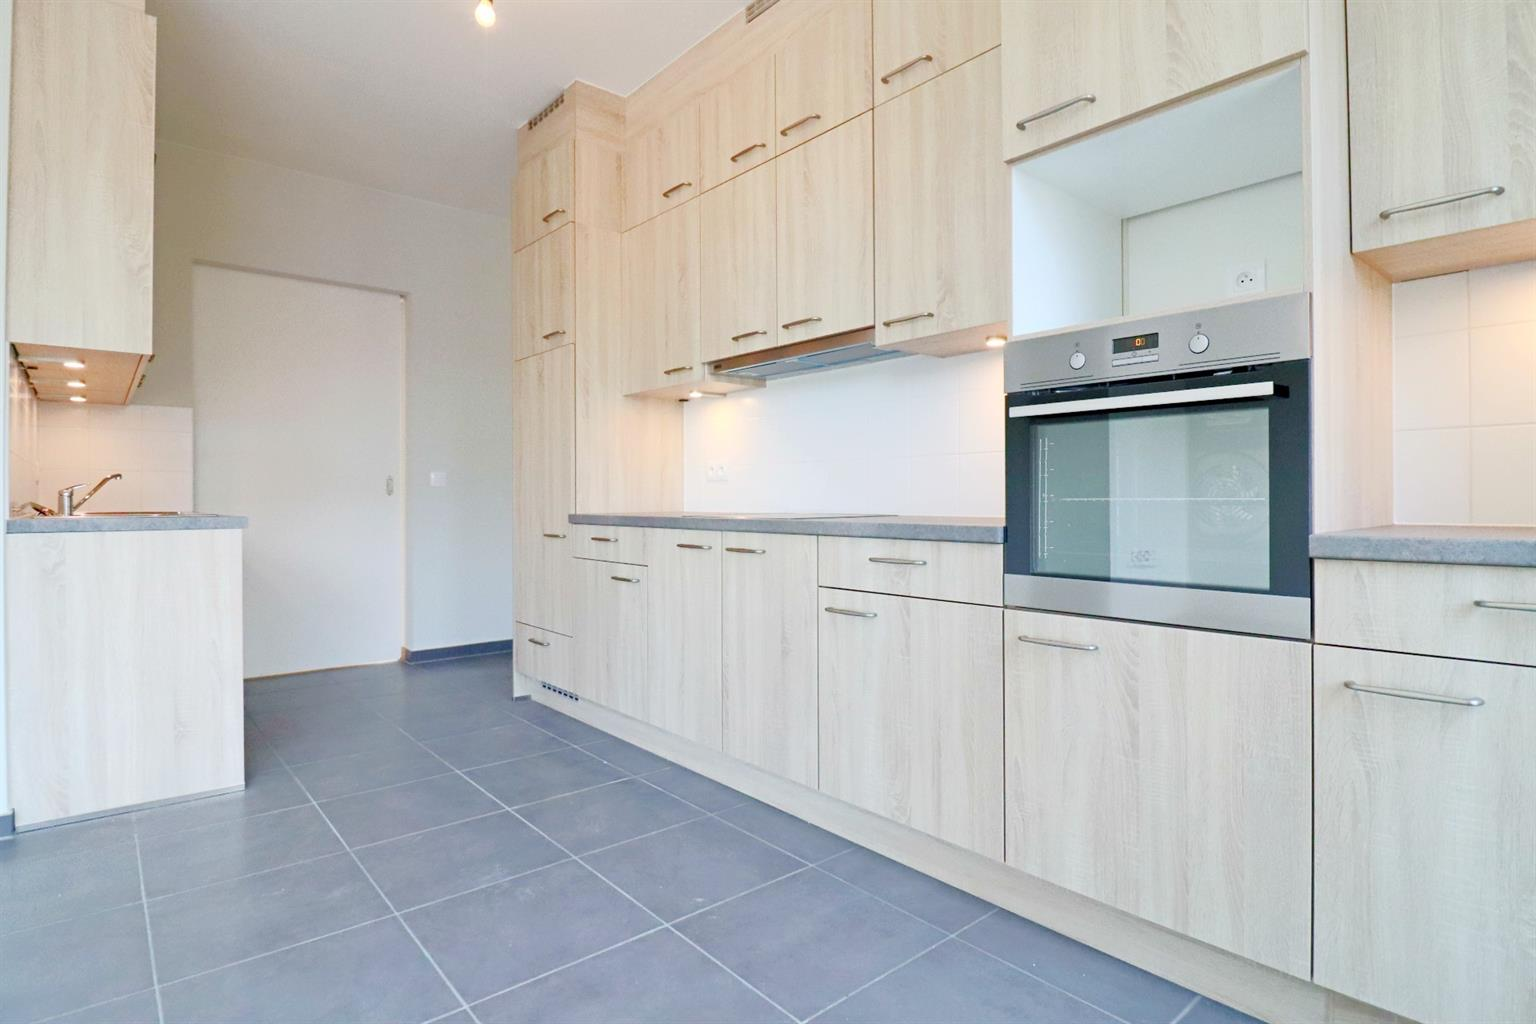 Appartement - Ottignies-Louvain-la-Neuve - #4406877-2